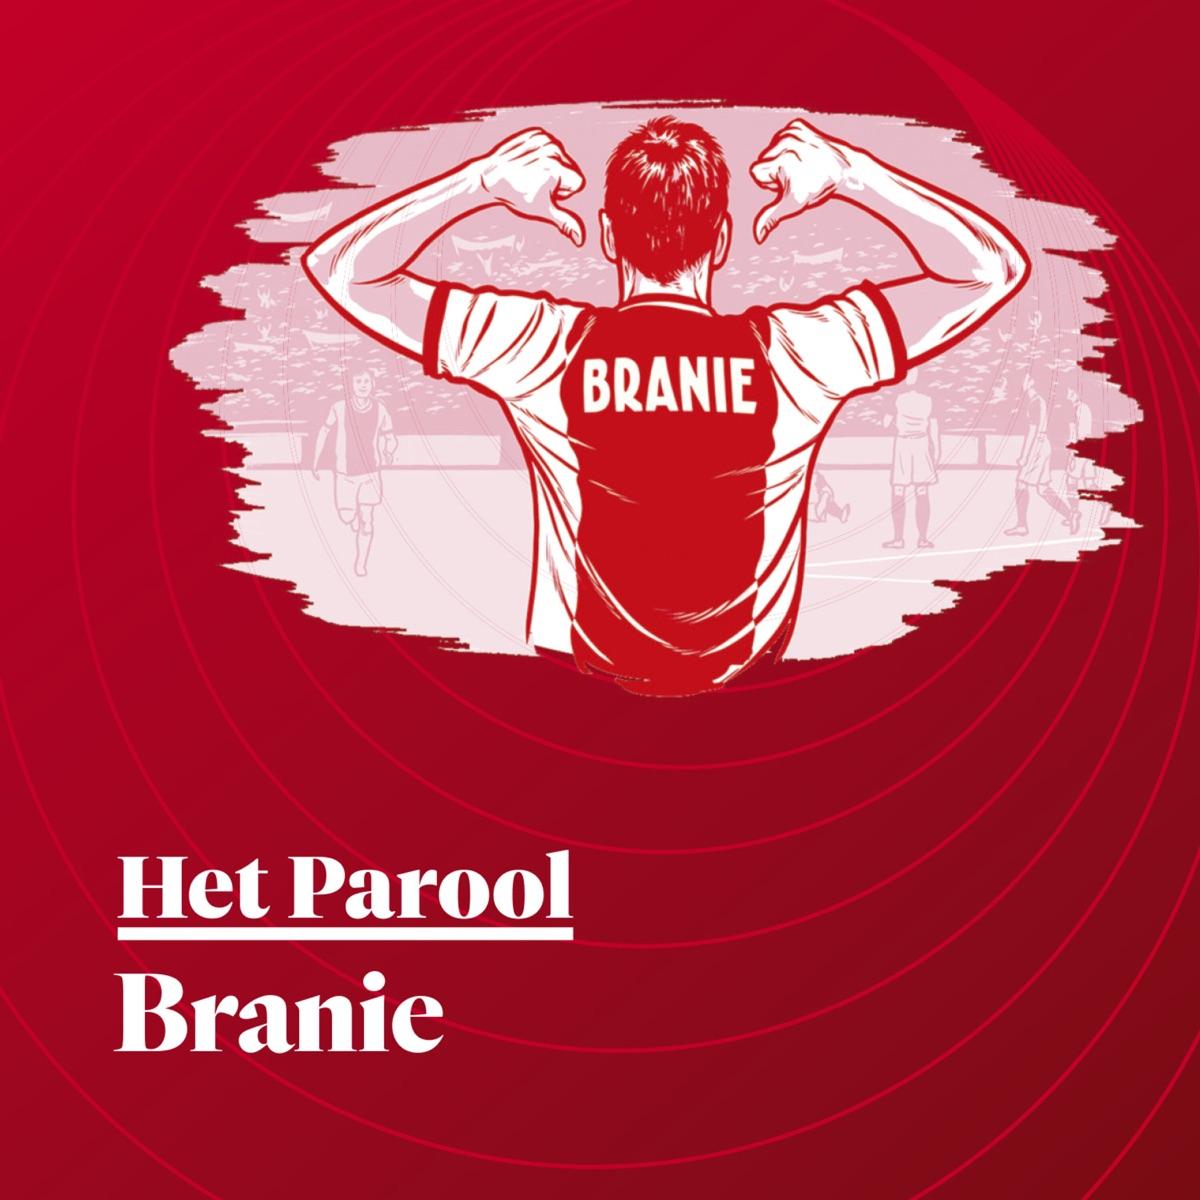 Branie